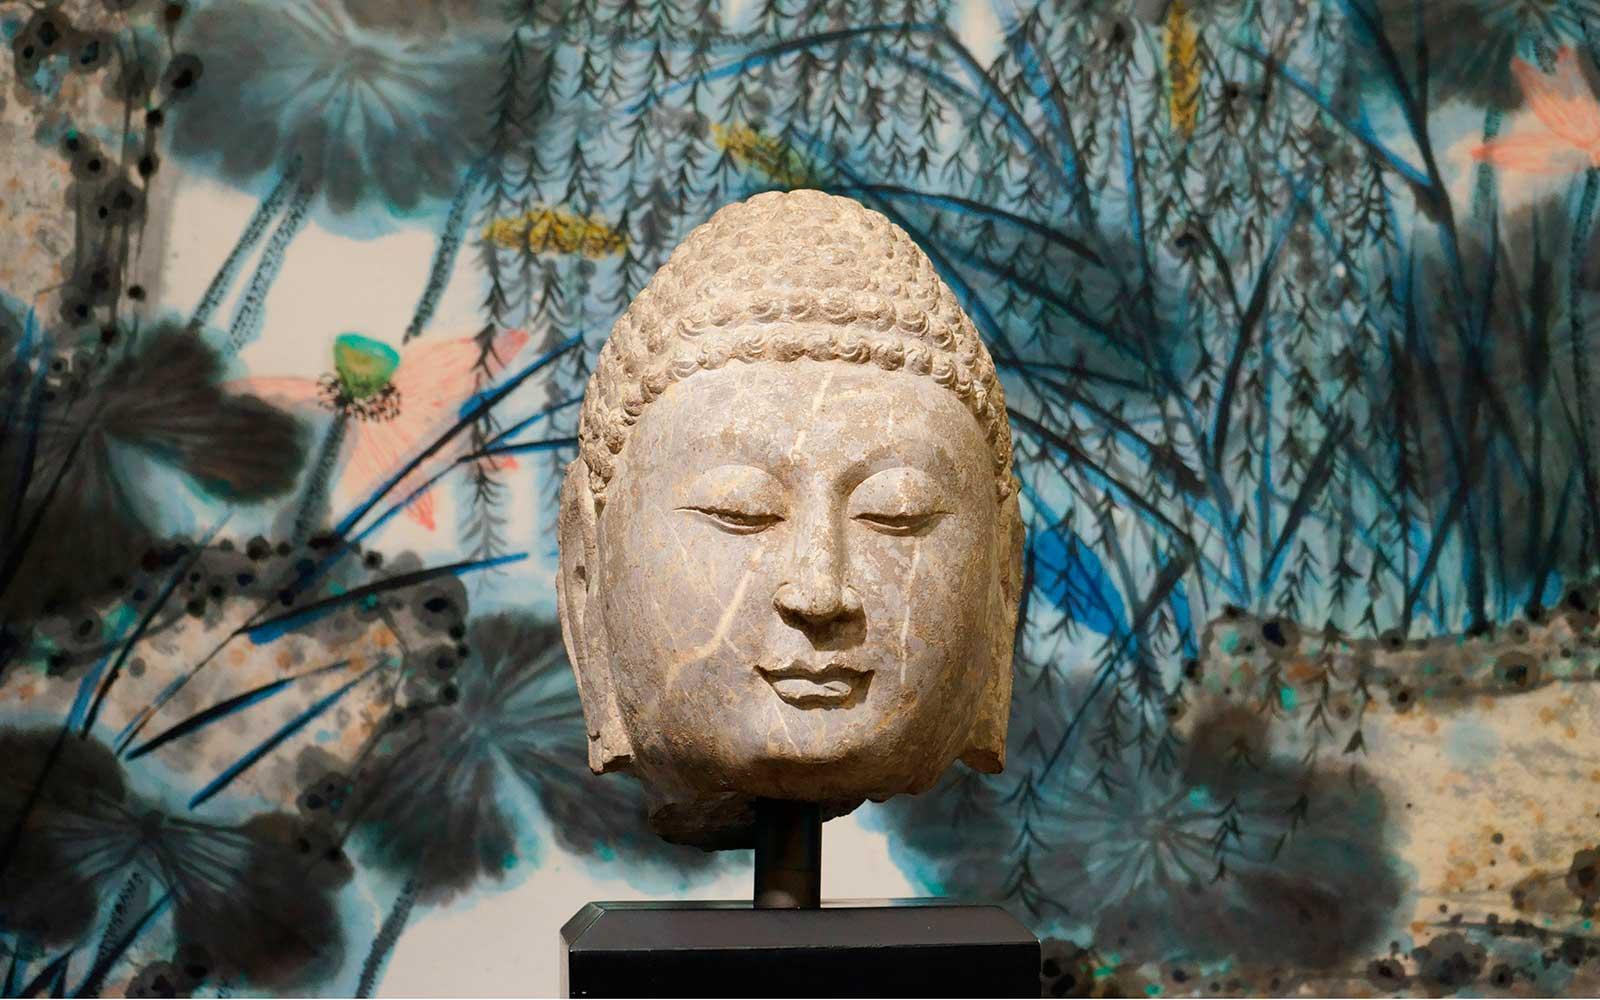 北齊 山東青州佛首 (背景:譚崇憲  「荷塘」紙本設色) Head of Buddha in Limestone, Northern Qi Dynasty (549-577 CE), h38cm.  (Background: <i>Lotus Pond</i> by Tan Chung Hsiang, 2008, ink and color on paper, 360x90cm)